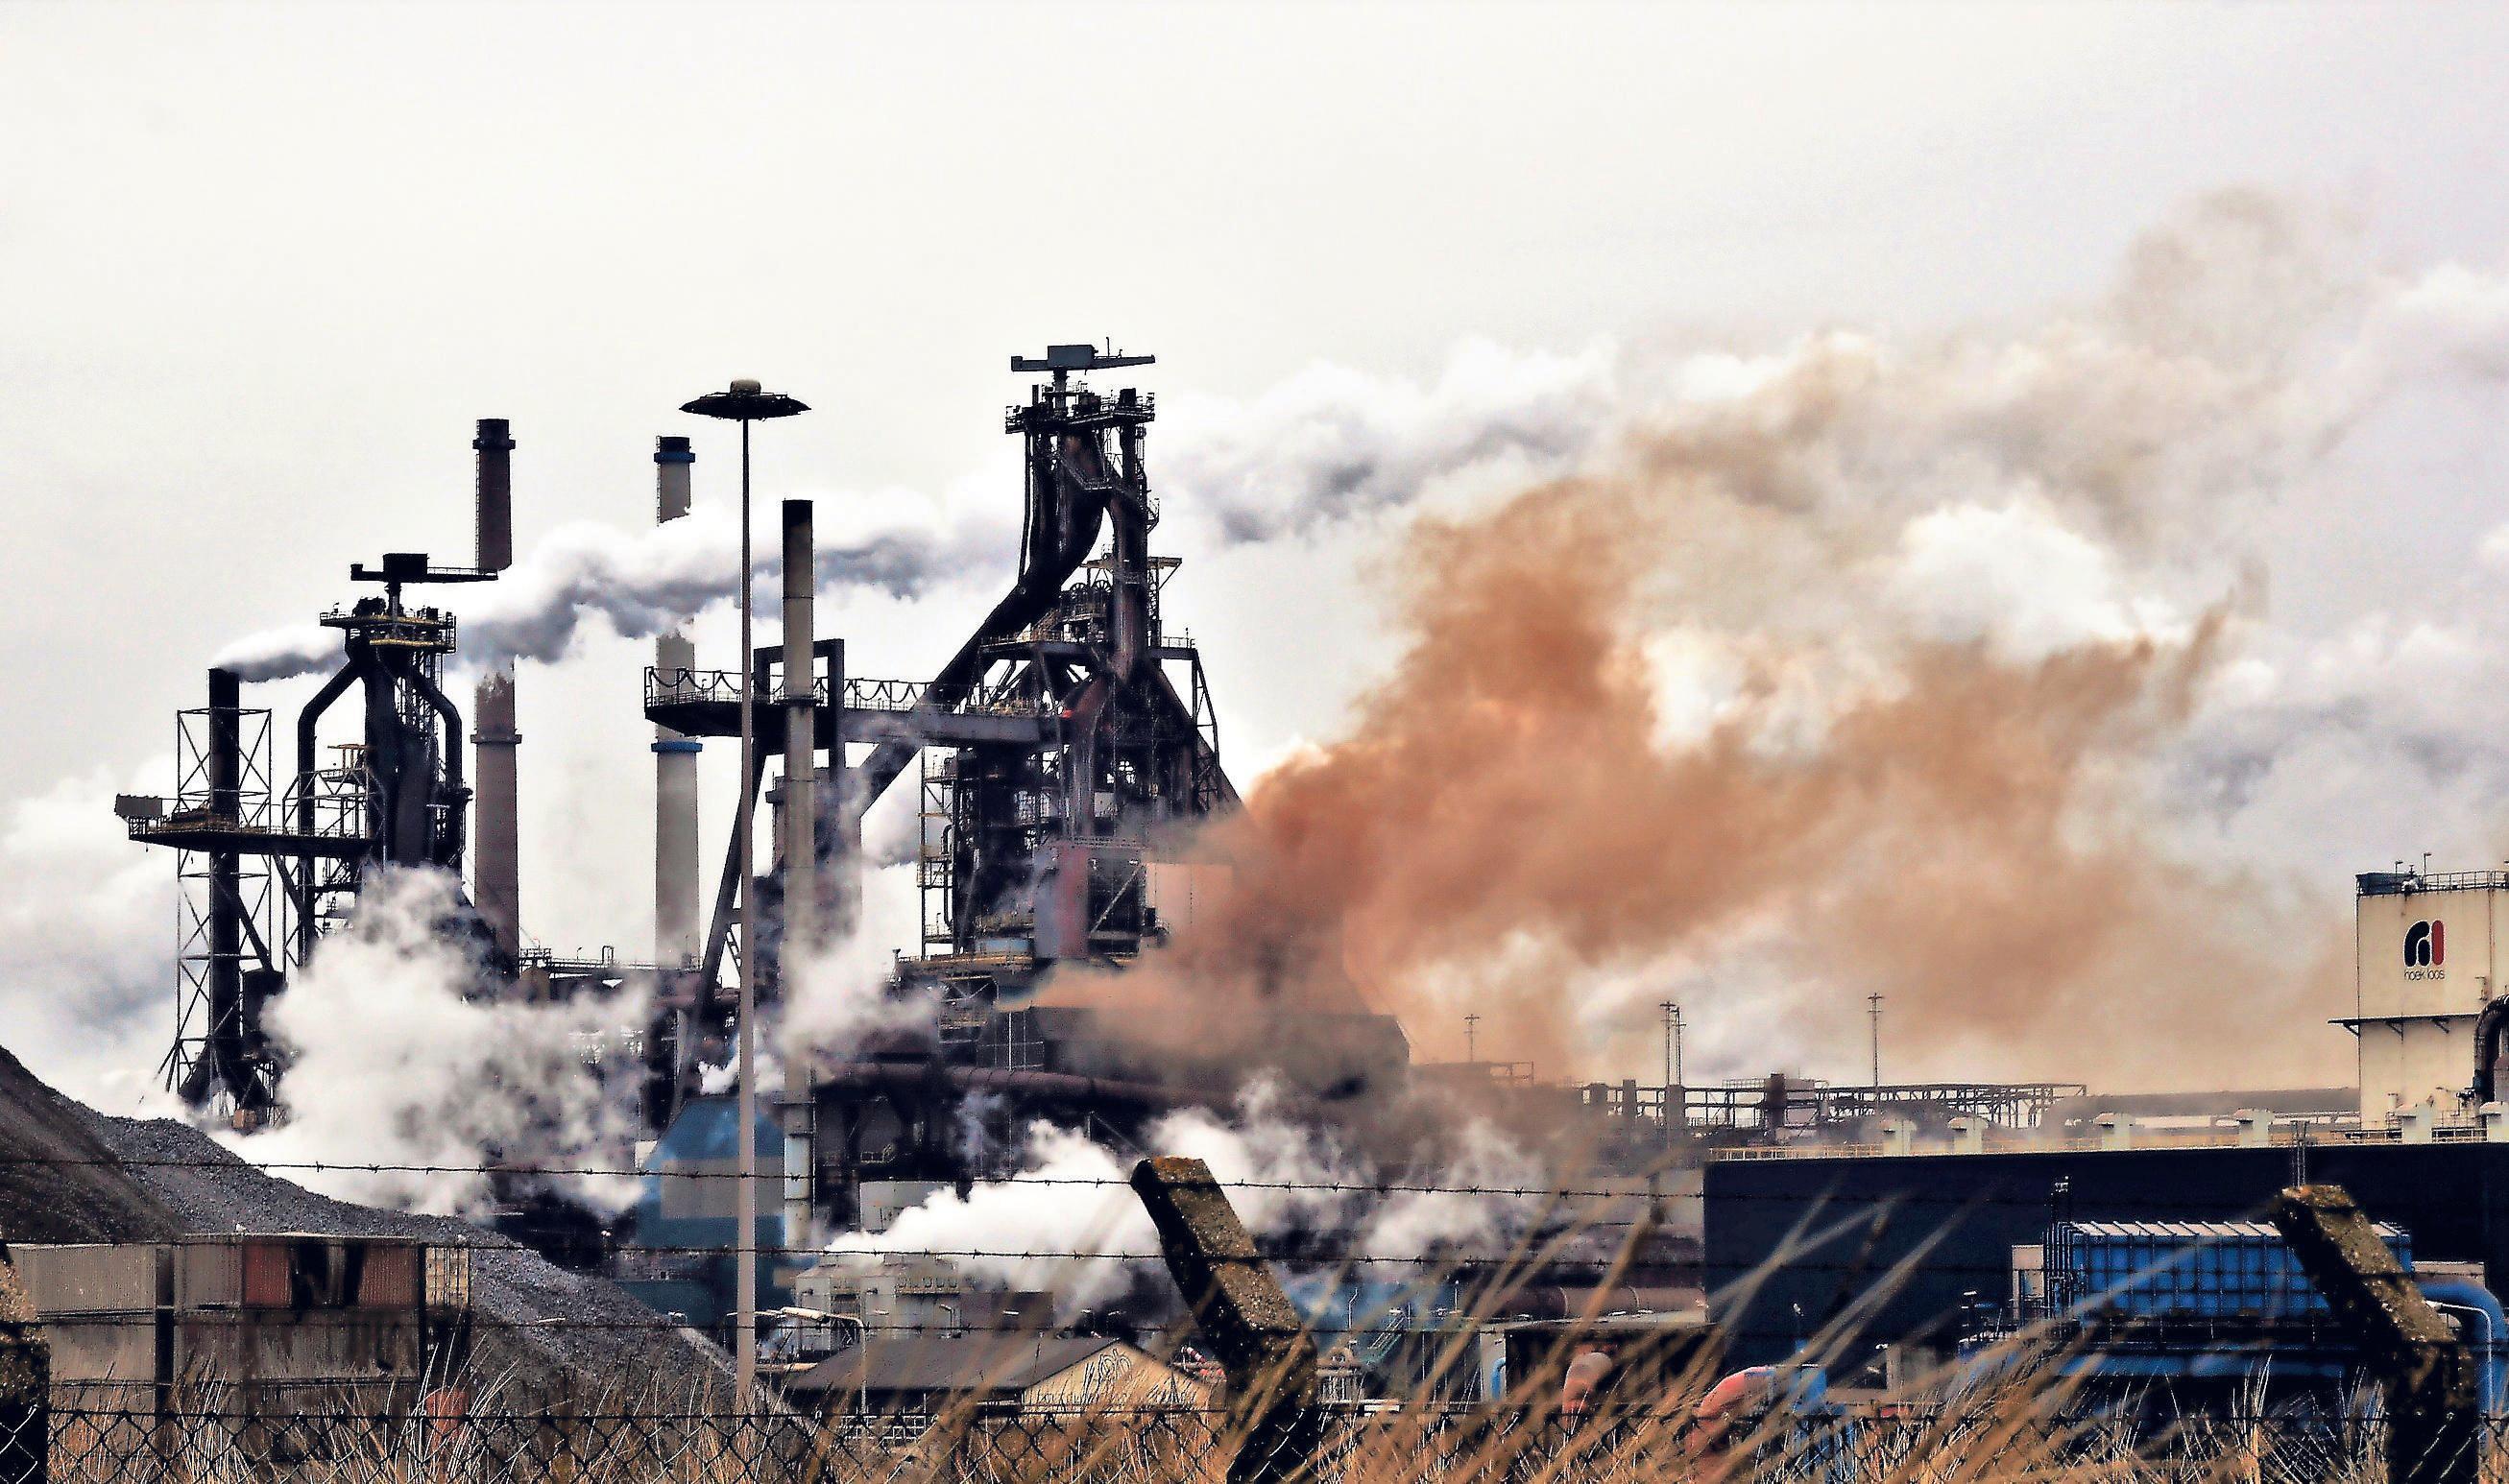 Ja: er komen jaarlijks meer dan duizend bruine roetwolken uit de hoogovens, maar nee: de vergunning wordt hierdoor niet overtreden, zegt bezwarencommissie provincie